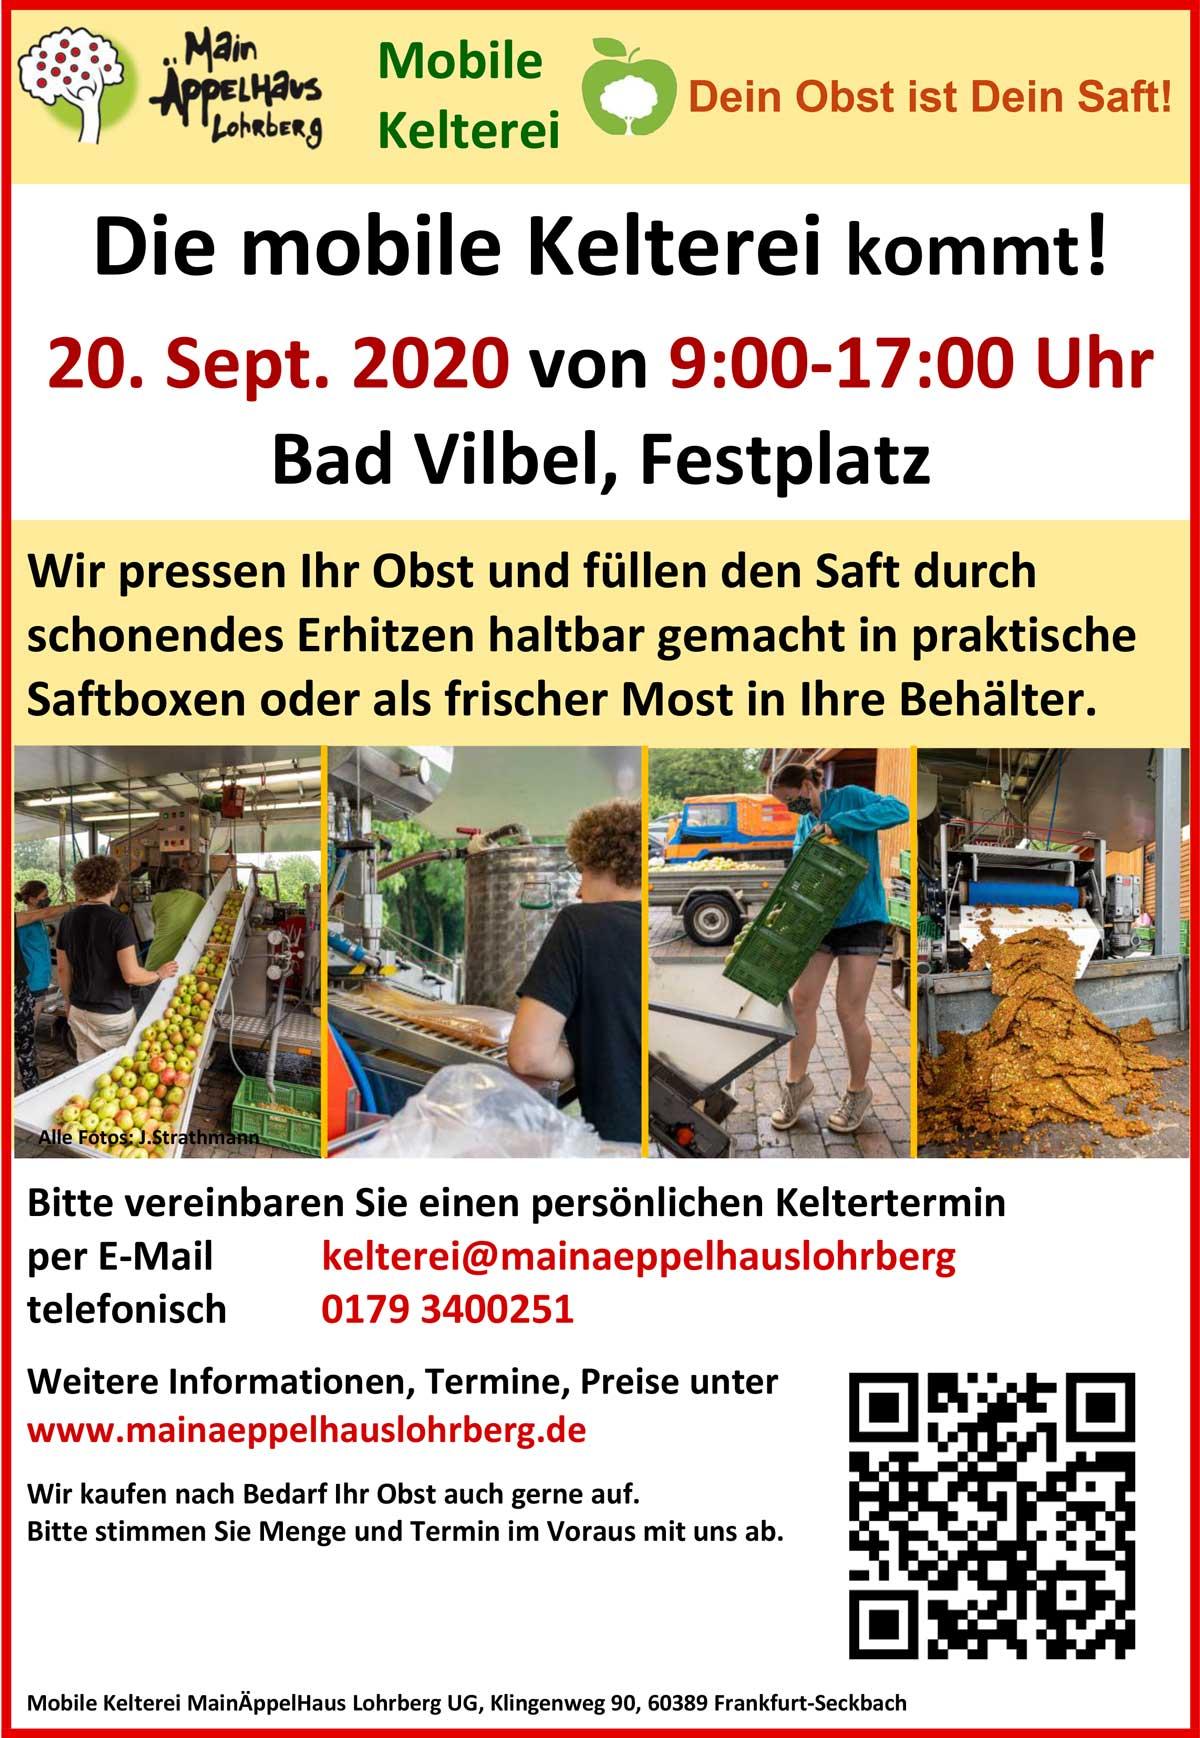 Mobile-Kelterei_2020_09_10-AushangBadVilbel